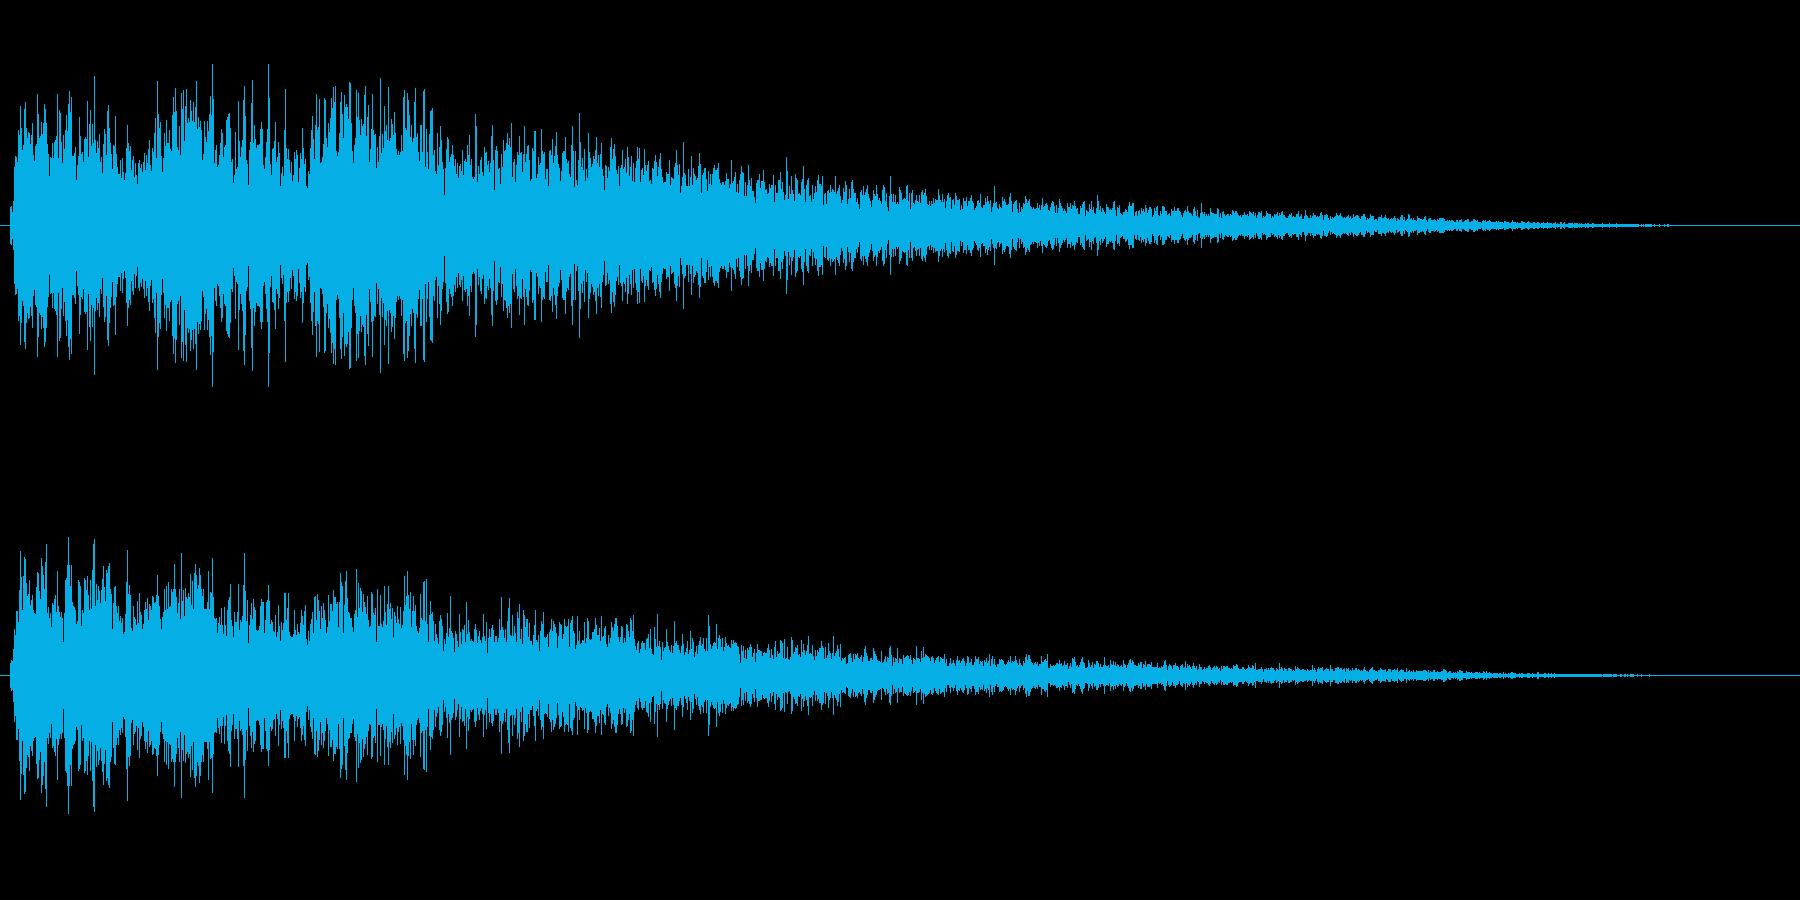 シュイーンという勢いがある音の再生済みの波形